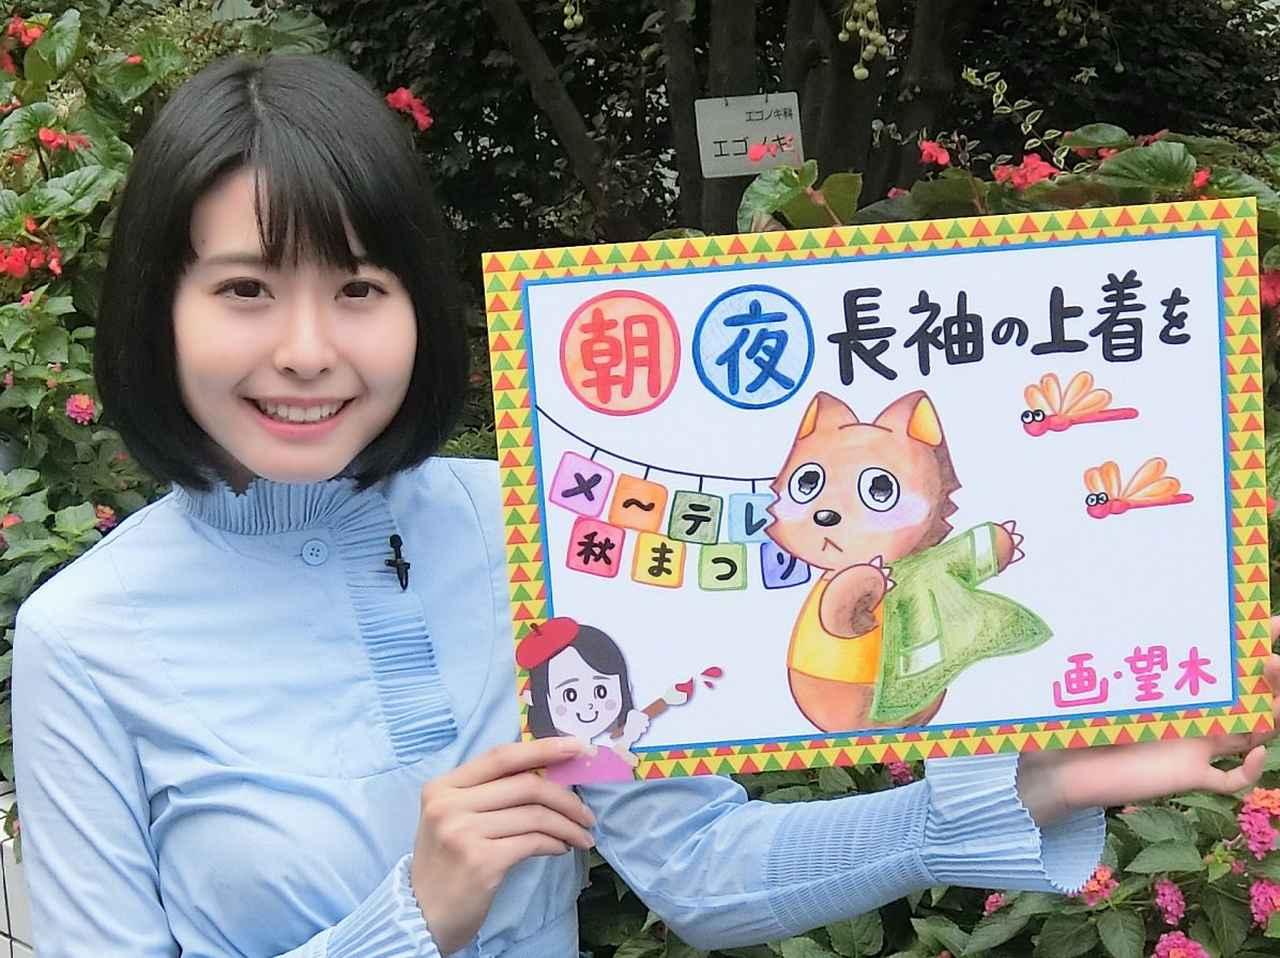 画像: 土日は久屋大通公園で「メ~テレ秋まつり」が開催されました。 多くのタレントさん・アーティストさんが名古屋に集うお祭り! お天気の不安もなく、会場は大盛り上がりでした。 お越しくださった皆さん、ありがとうございました♪ わたしはSKE48さんとチームしゃちほこさんのステージを見て、デレデレしておりました(笑) 2017年9月23日(土)放送『デルサタ』より